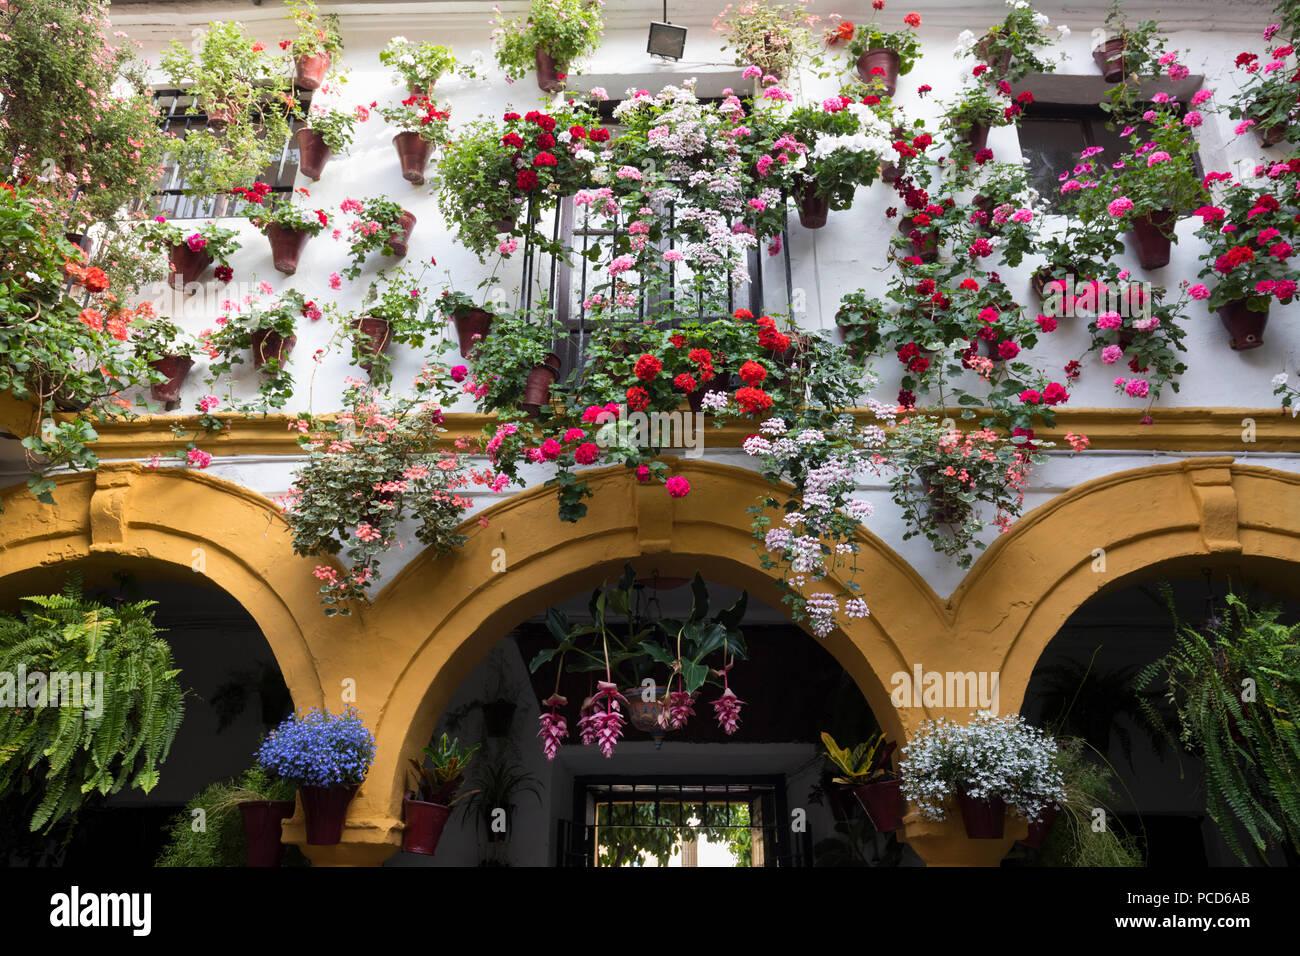 Les couleurs de l'image de fleurs au Festival des patios, Cordoue, Andalousie, Espagne, Europe Photo Stock